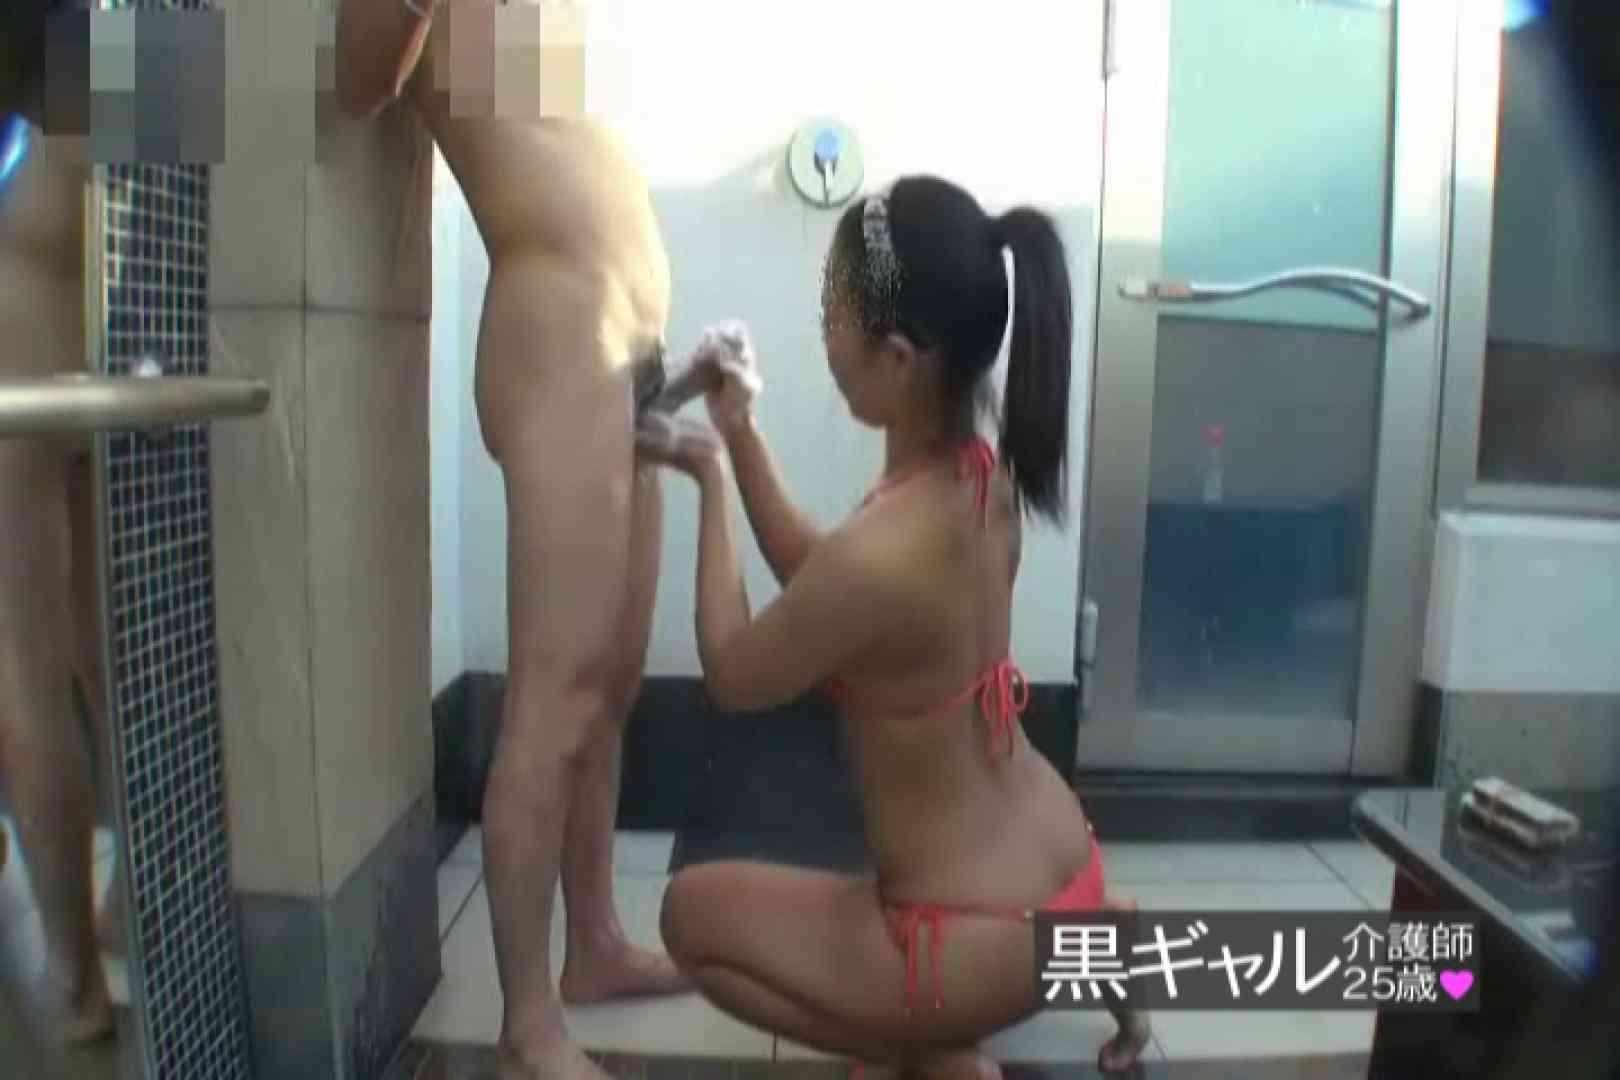 独占入手 従順M黒ギャル介護師25歳vol.6 勃起した肉棒 | SEX  100pic